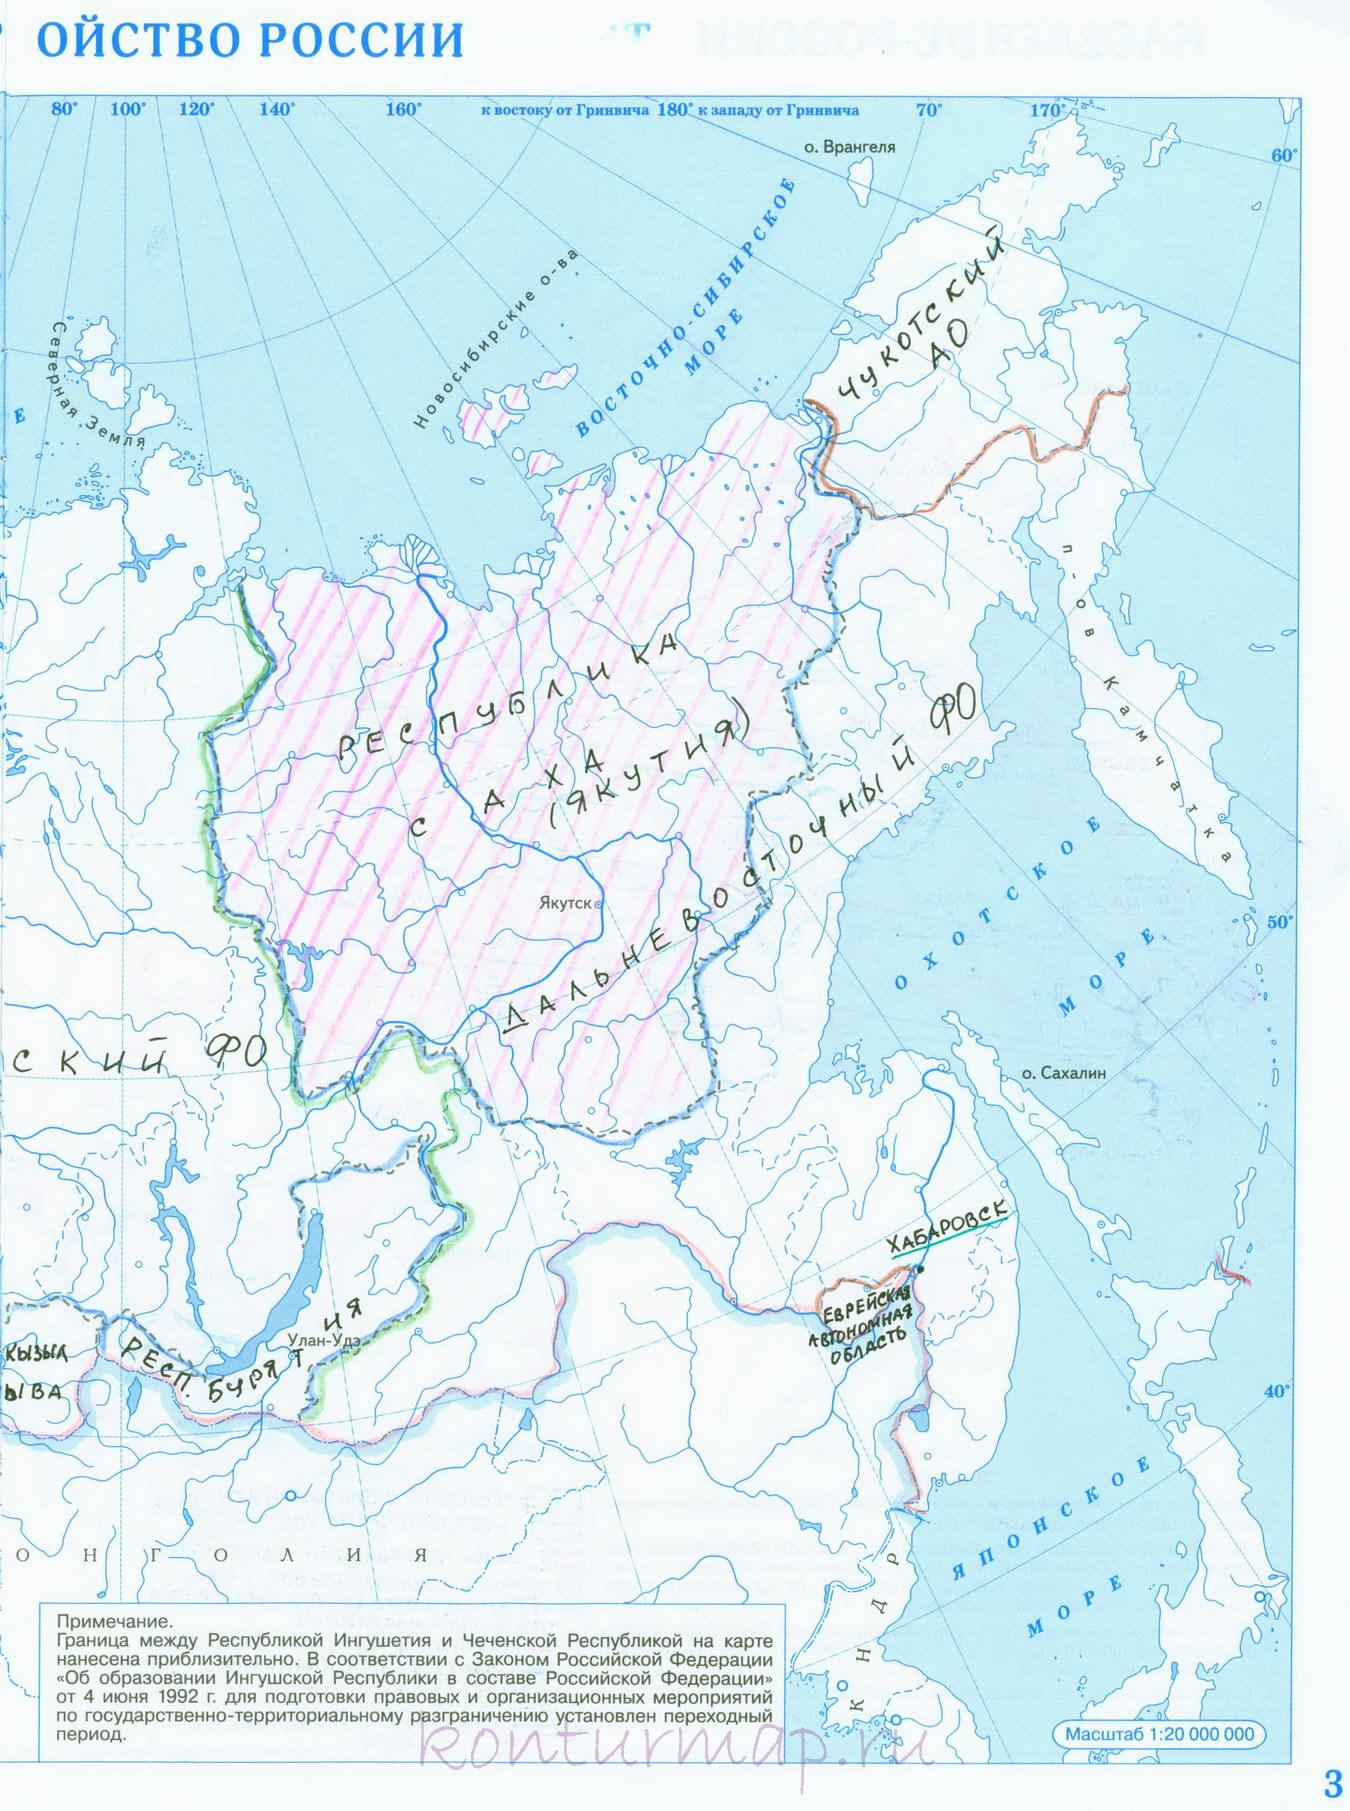 Смотреть гдз по географии 9 класса в контурных картах по центральной россии